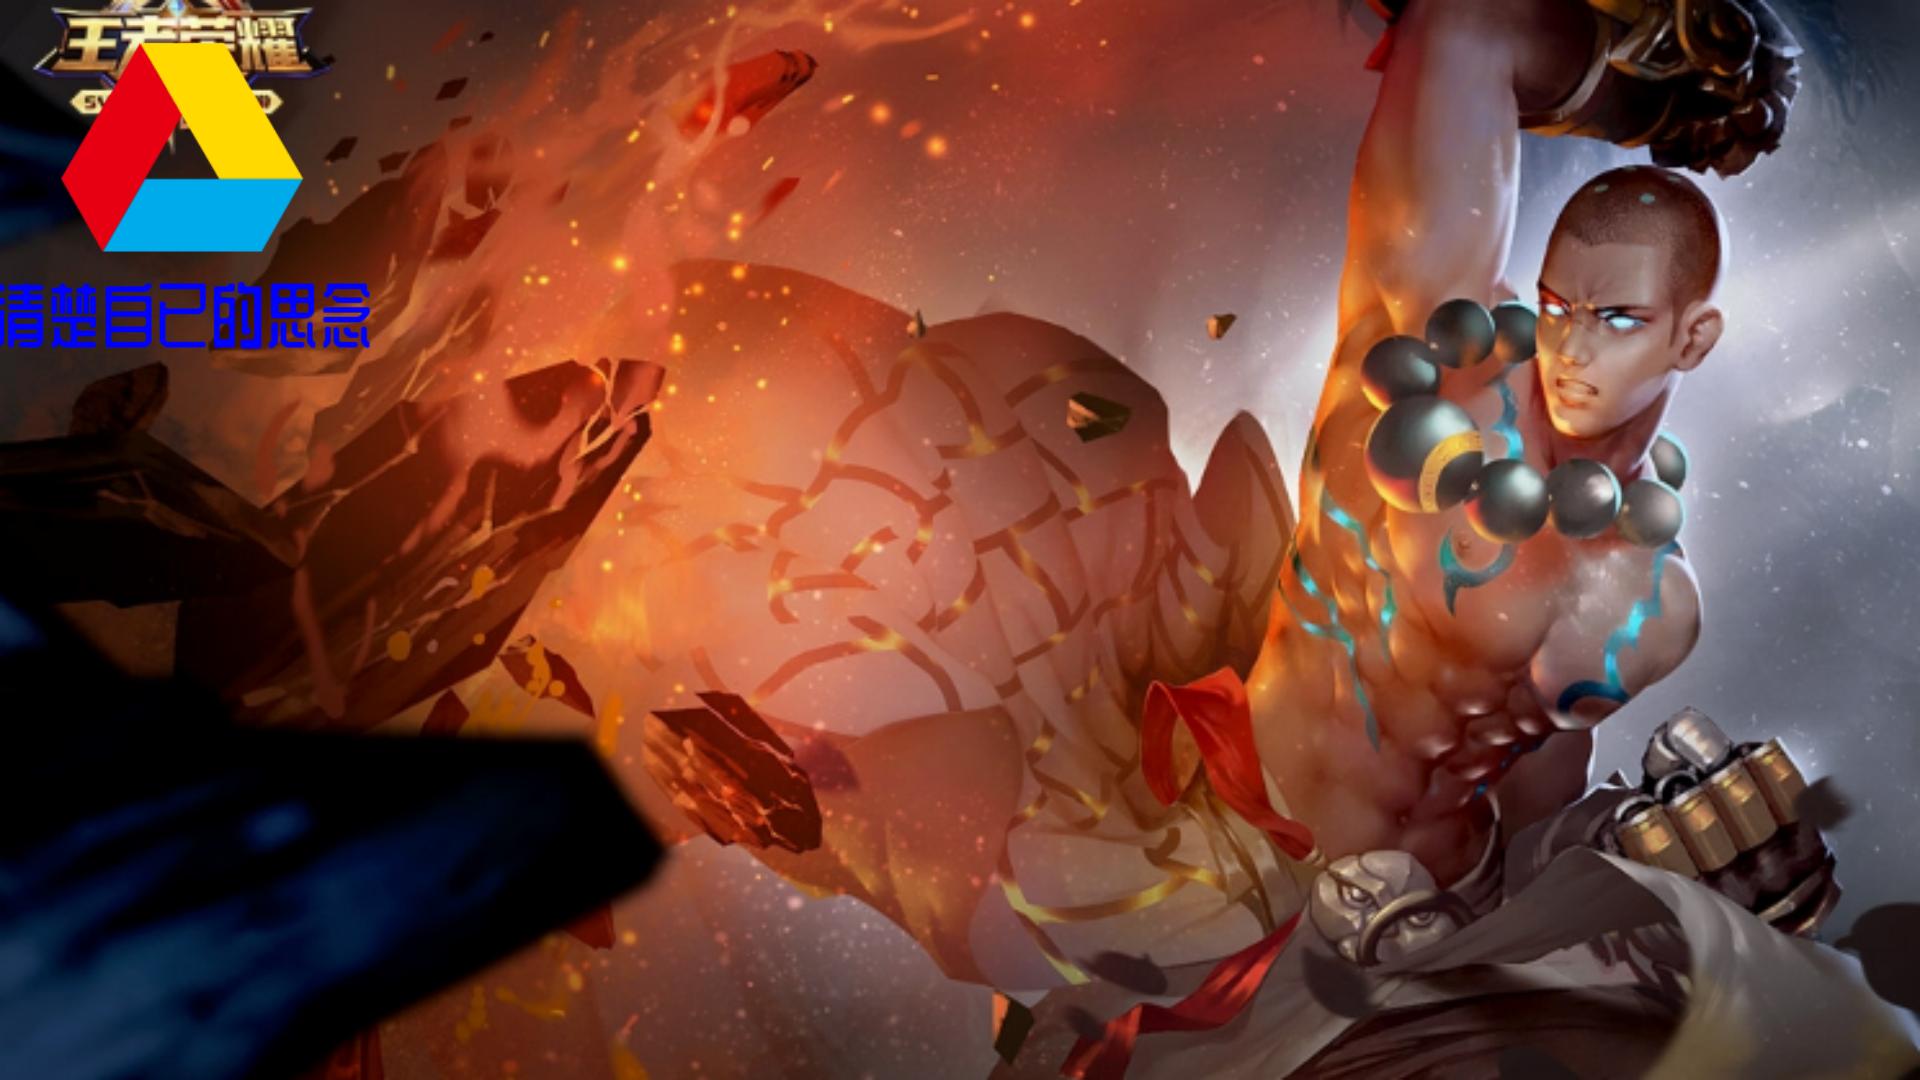 《【煜星手机版登录】王者荣耀:最适合打野的战士是达摩?节奏能力很强,为何一直不热门呢?》